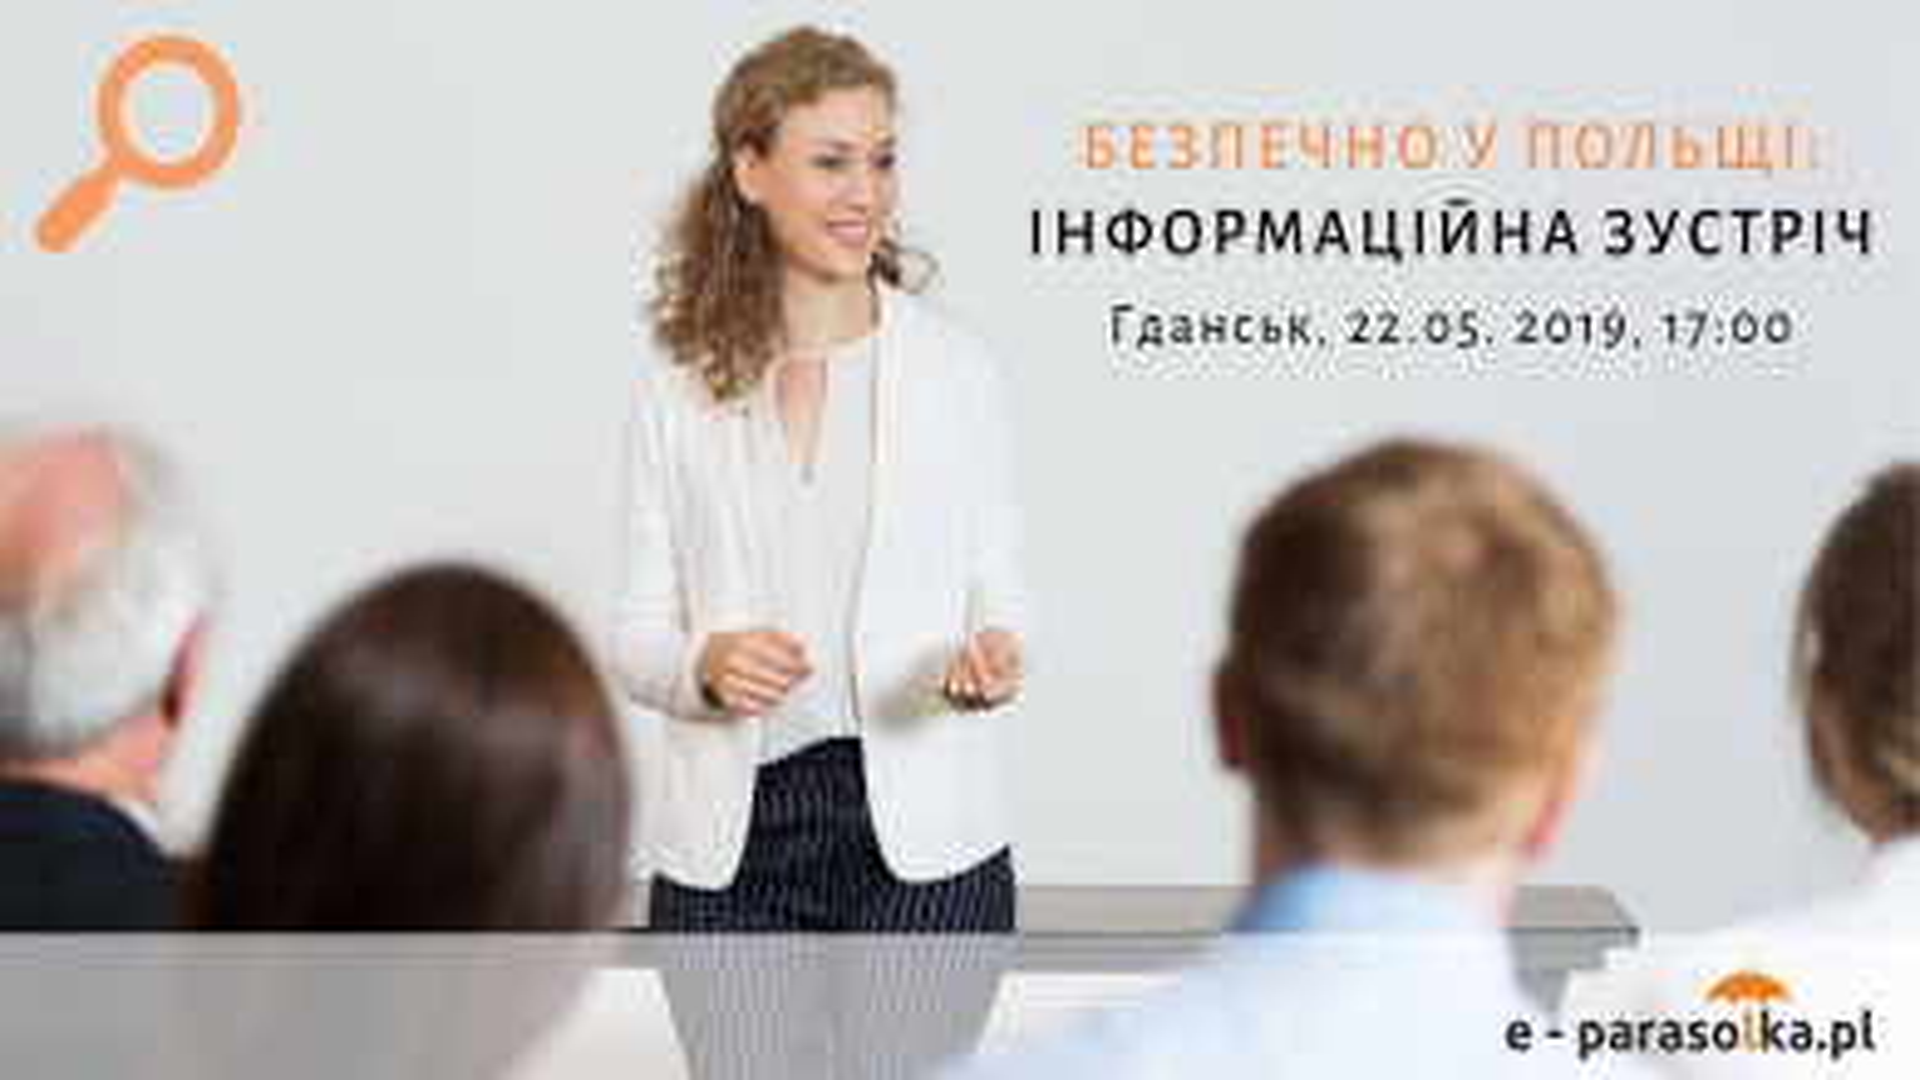 Безпечно у Польщі: інформаційна зустріч для іноземців